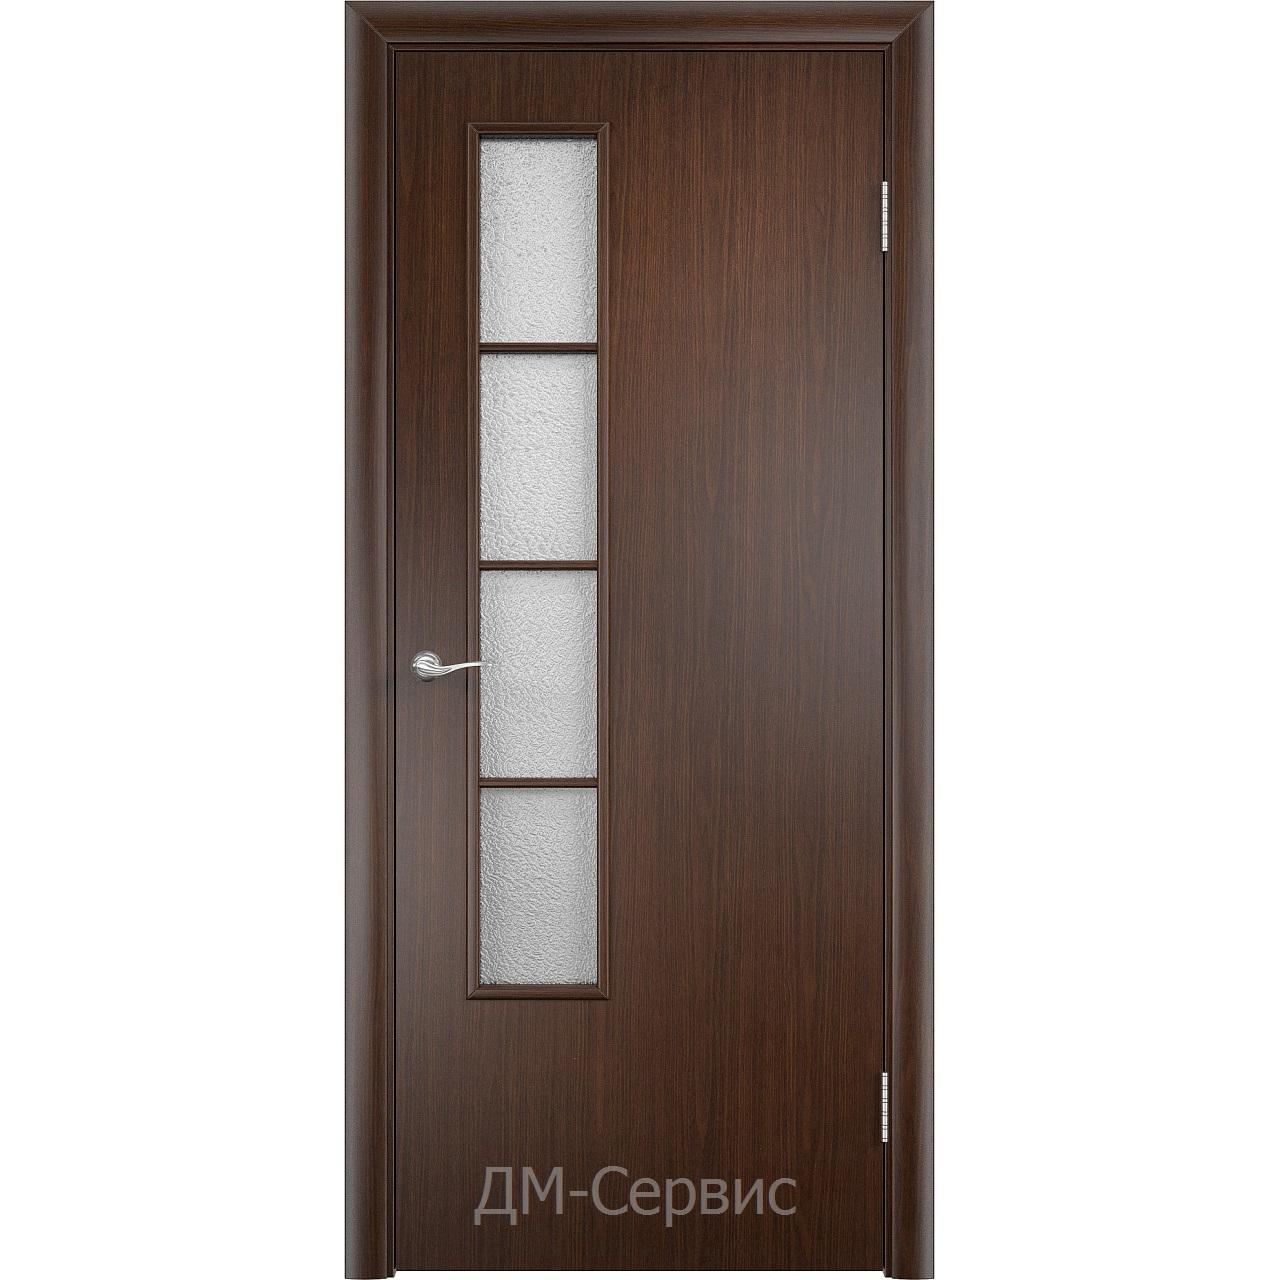 Дверной строительный остеклённый блок с четвертью ДПО 05 финиш-плёнка